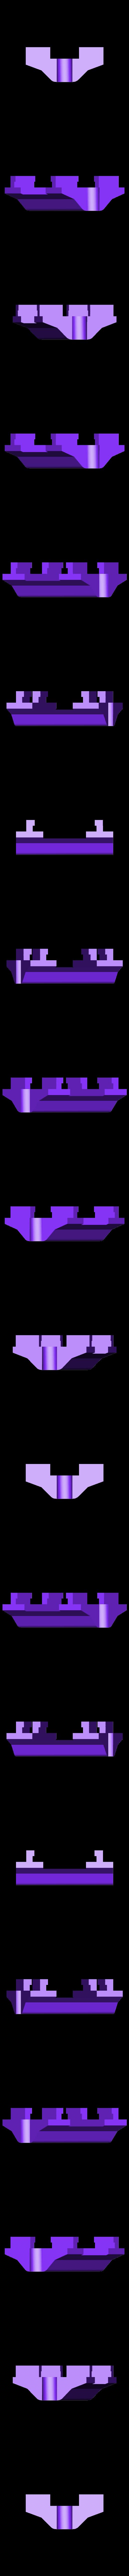 endstopVSLOT2020.STL Télécharger fichier STL gratuit endstop y VSLOT 2020 • Modèle imprimable en 3D, didrod